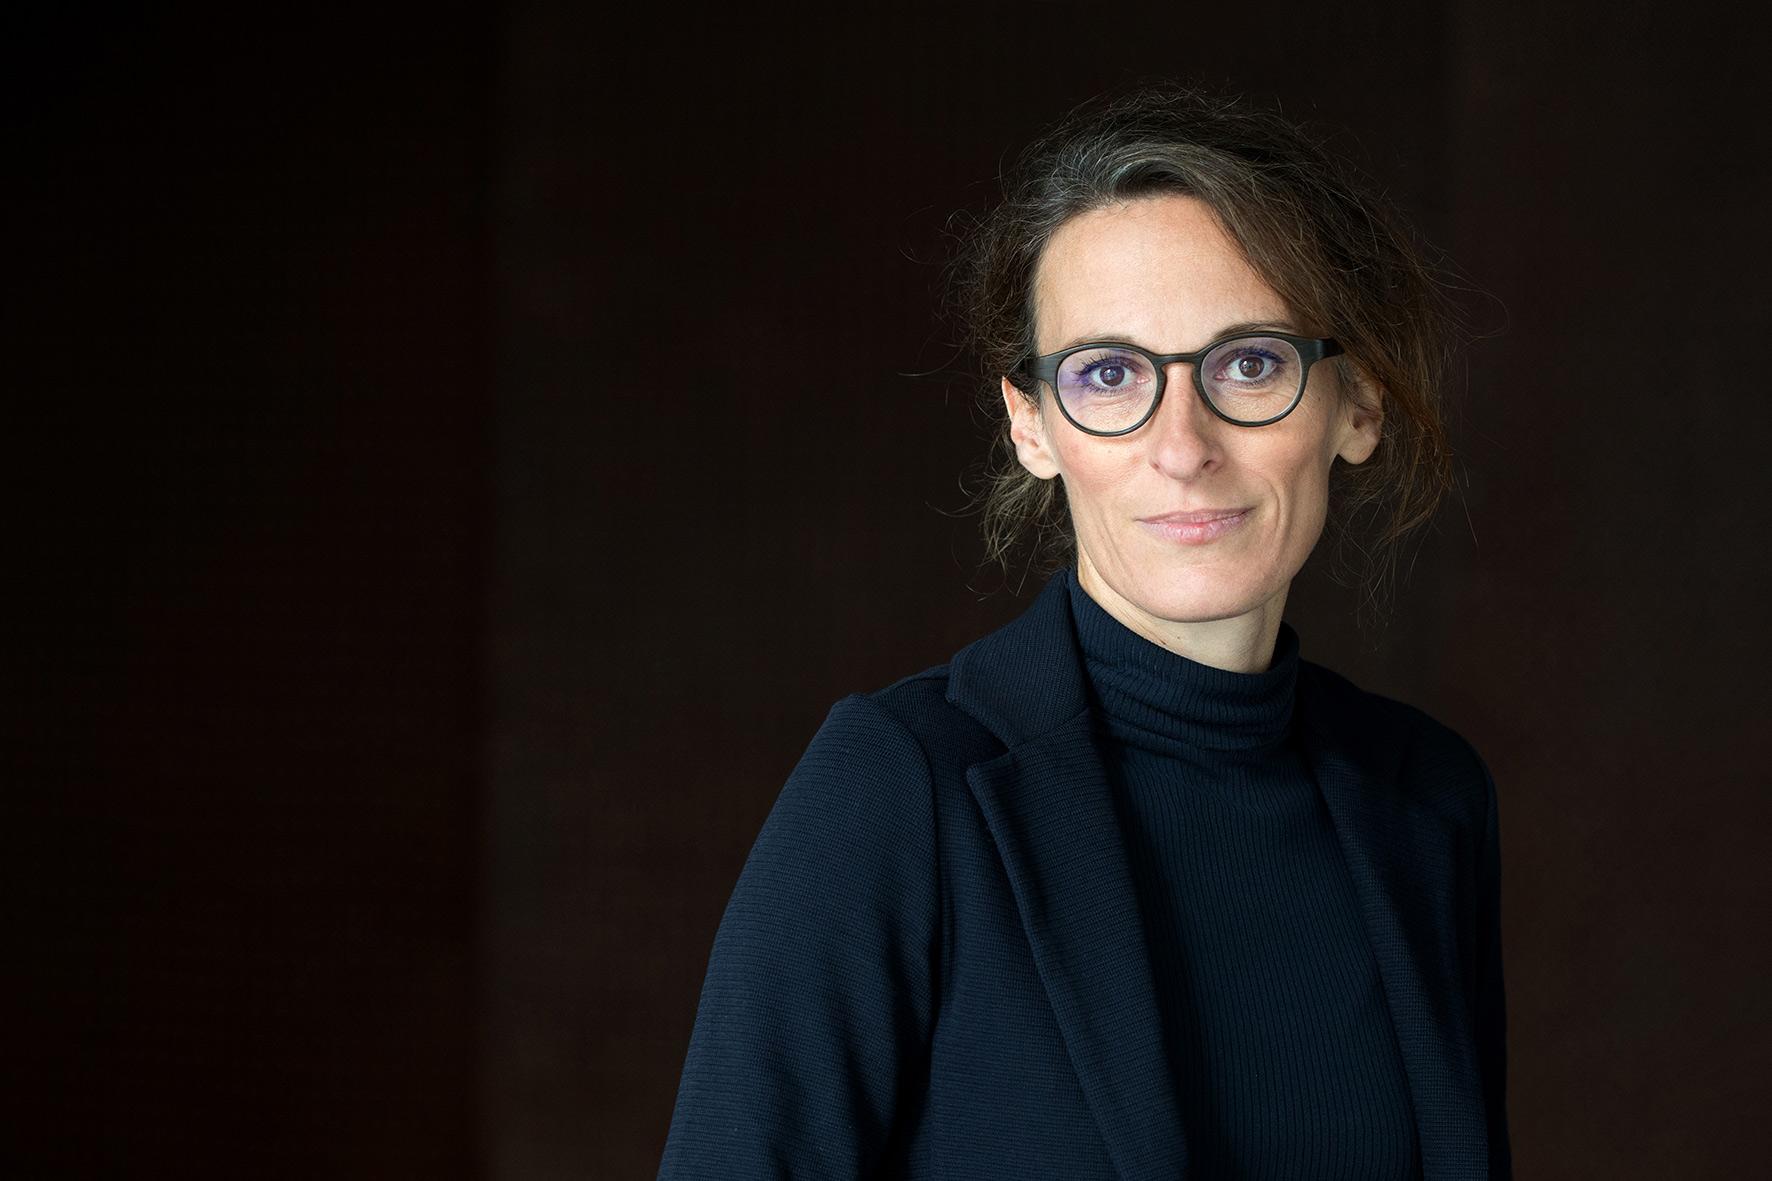 ANDREA SEIFERT Architektenkammer Niedersachsen / Portraits